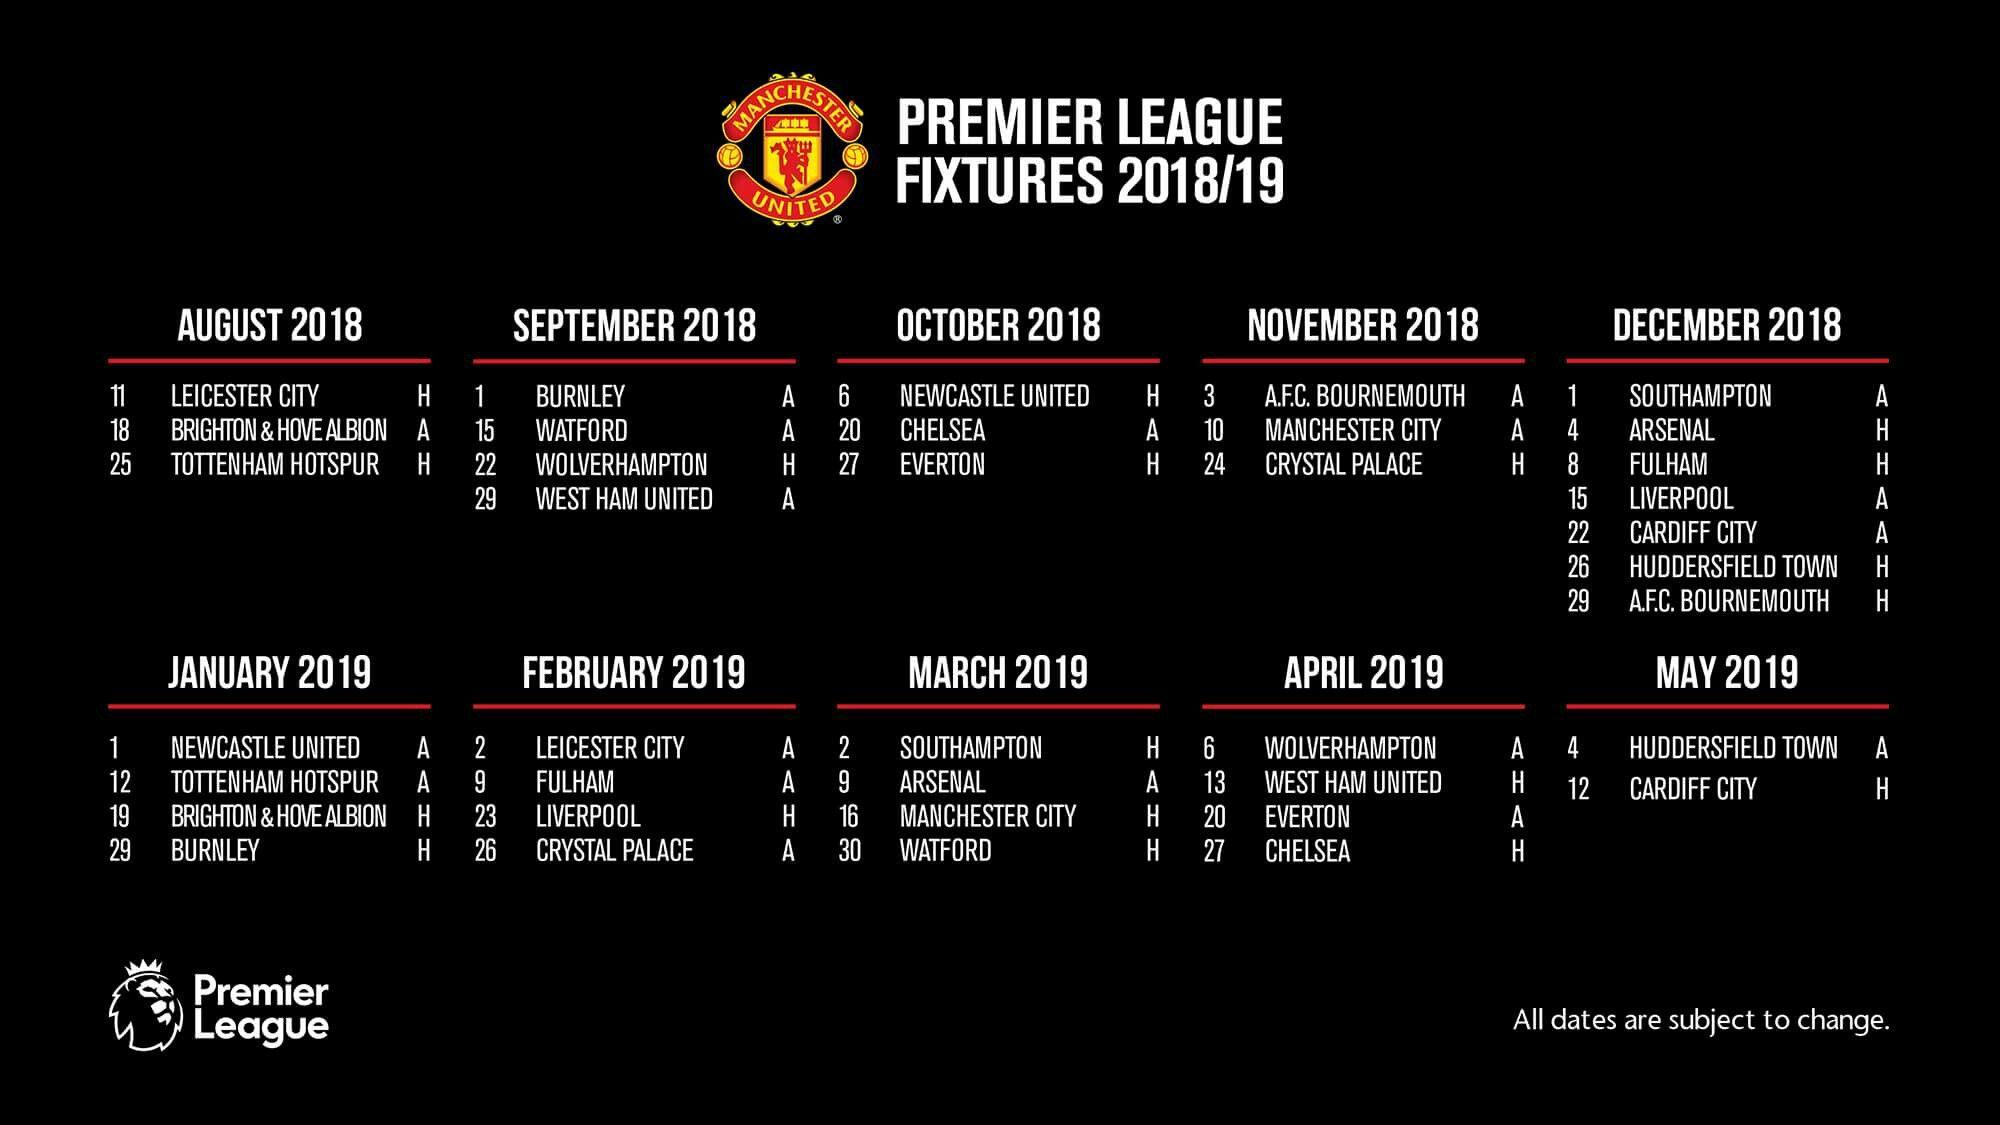 Manchester United Premier League fixtures 2018 19  8c652509d